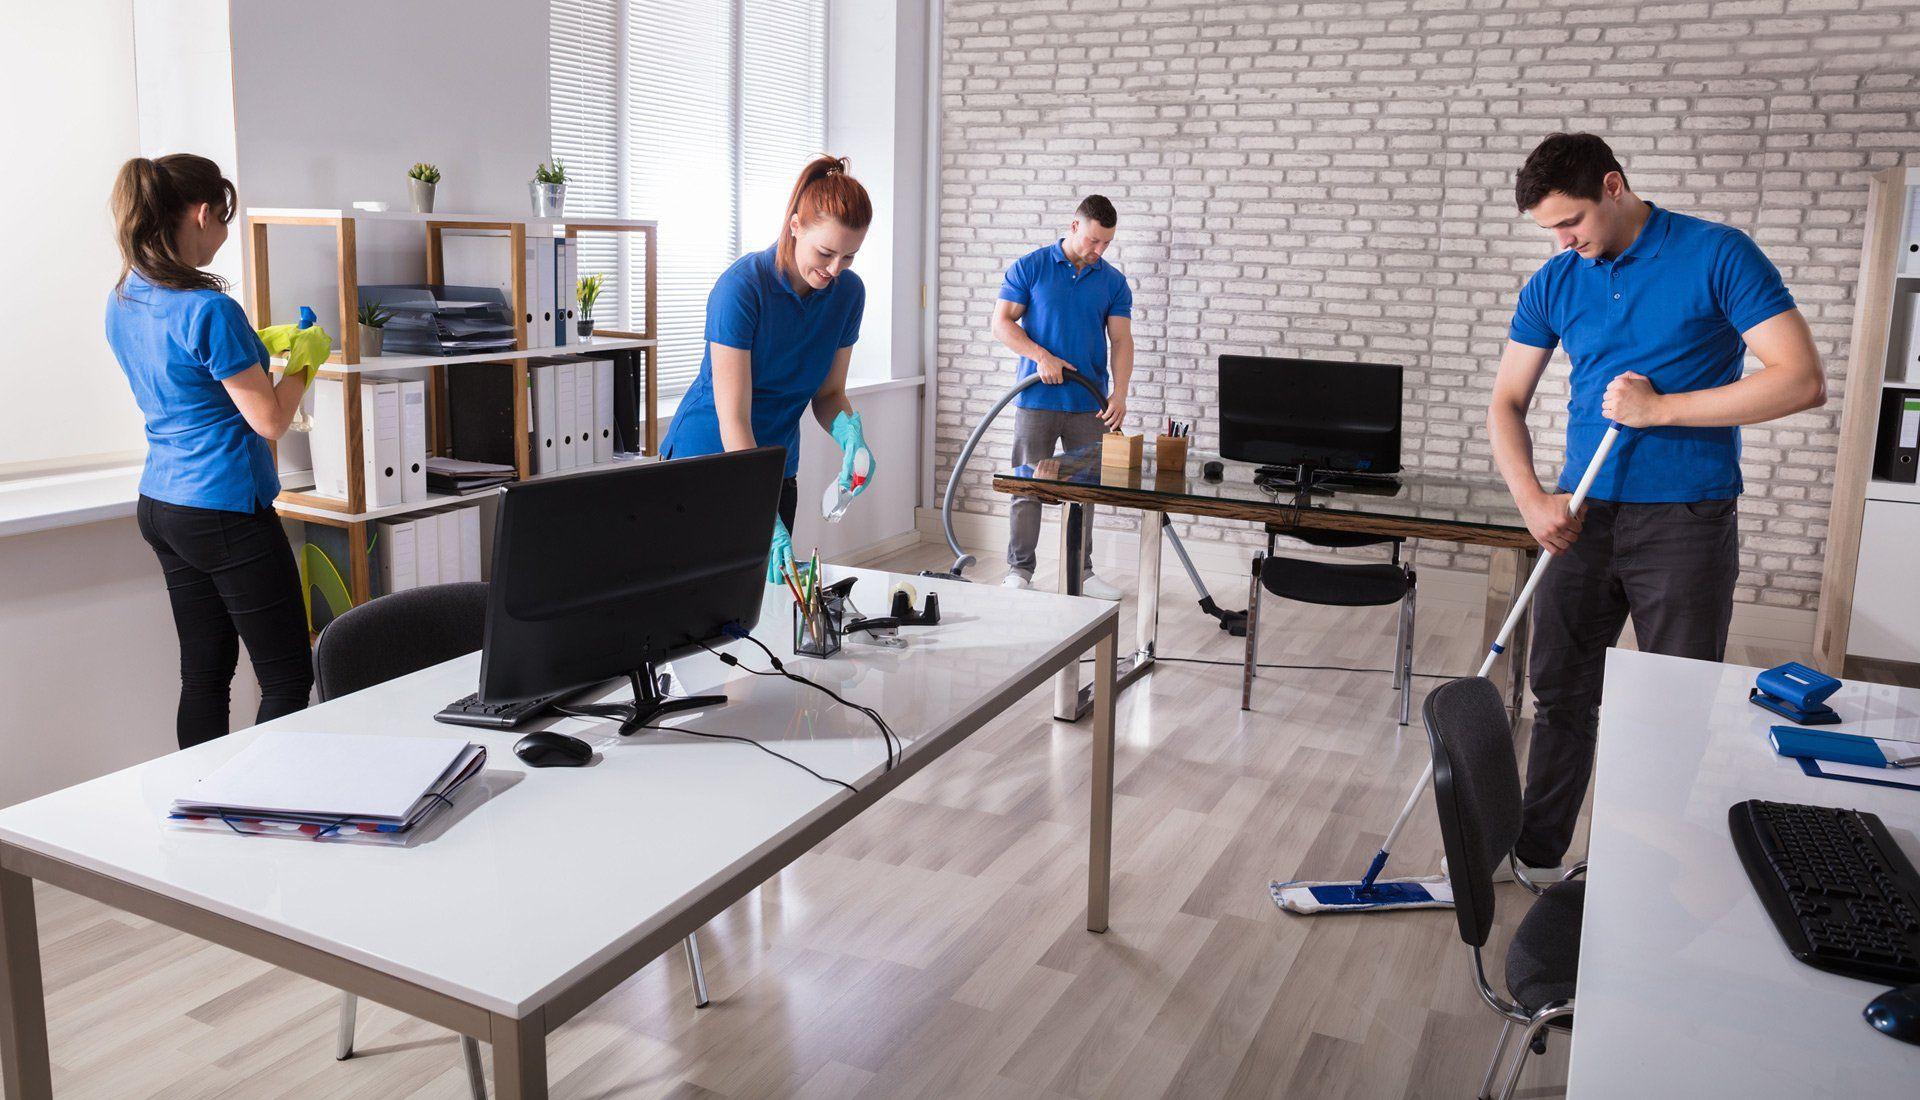 Office Housekeeping